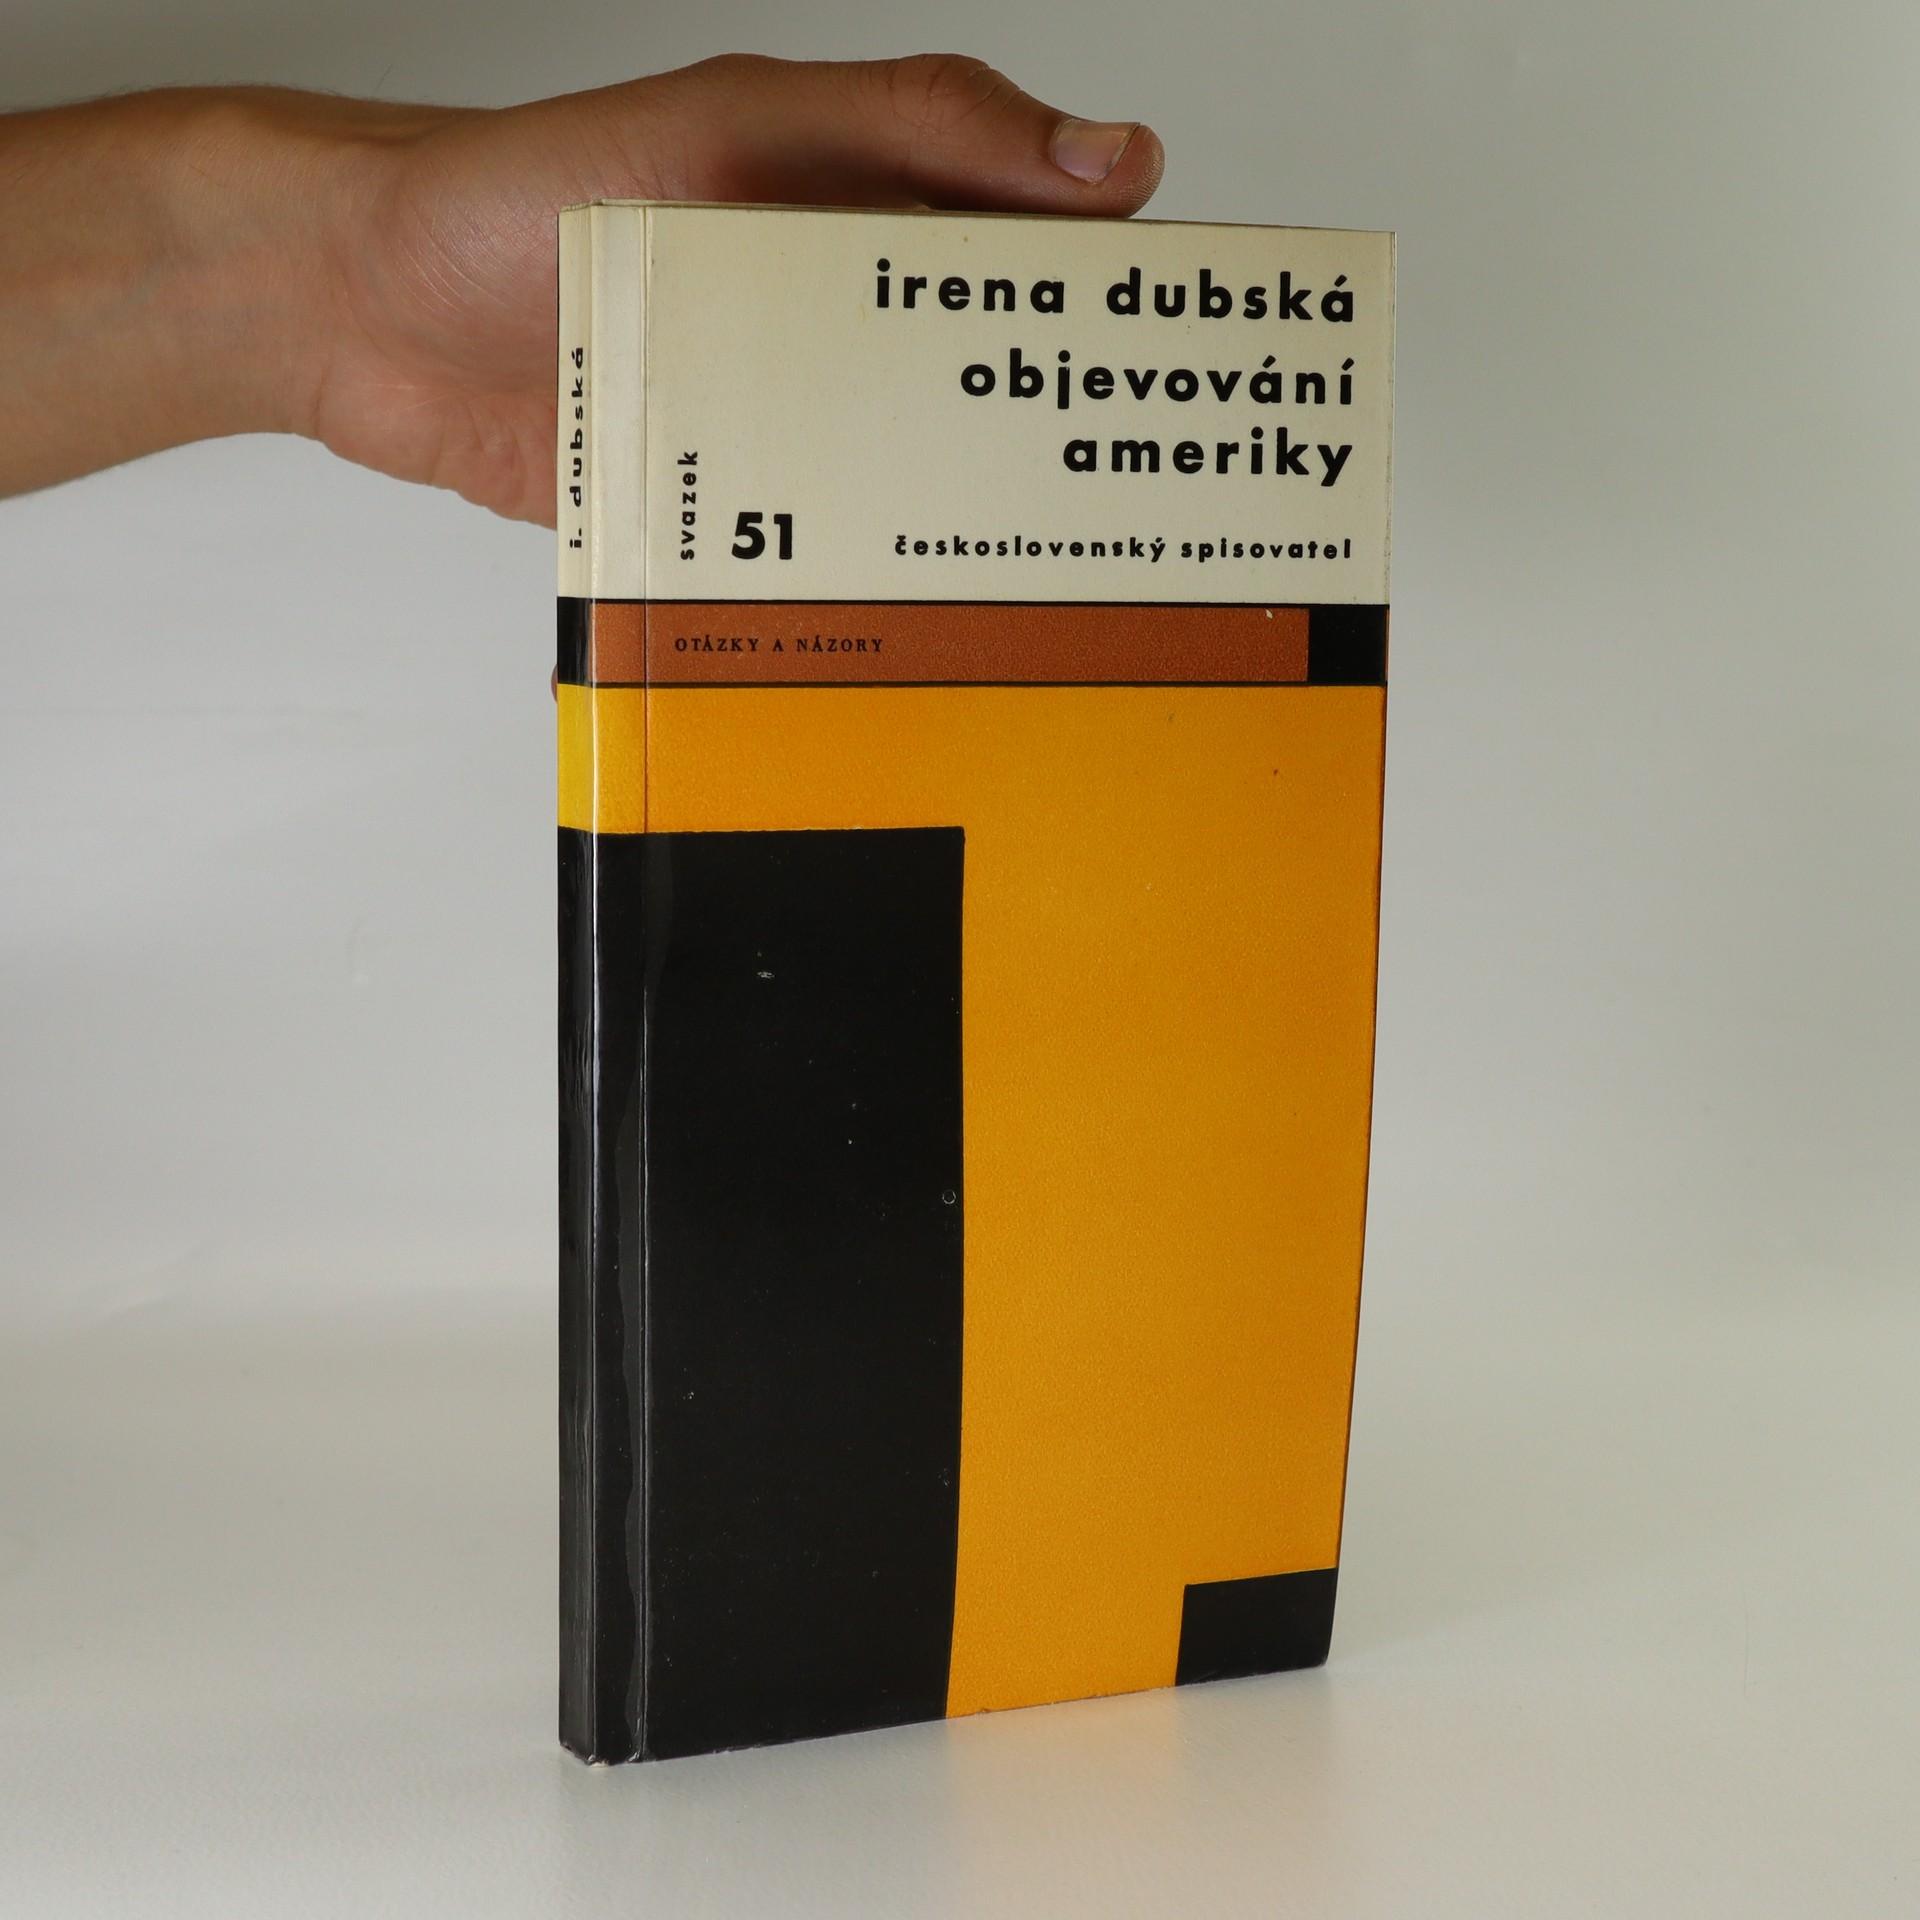 antikvární kniha Objevování ameriky, 1964